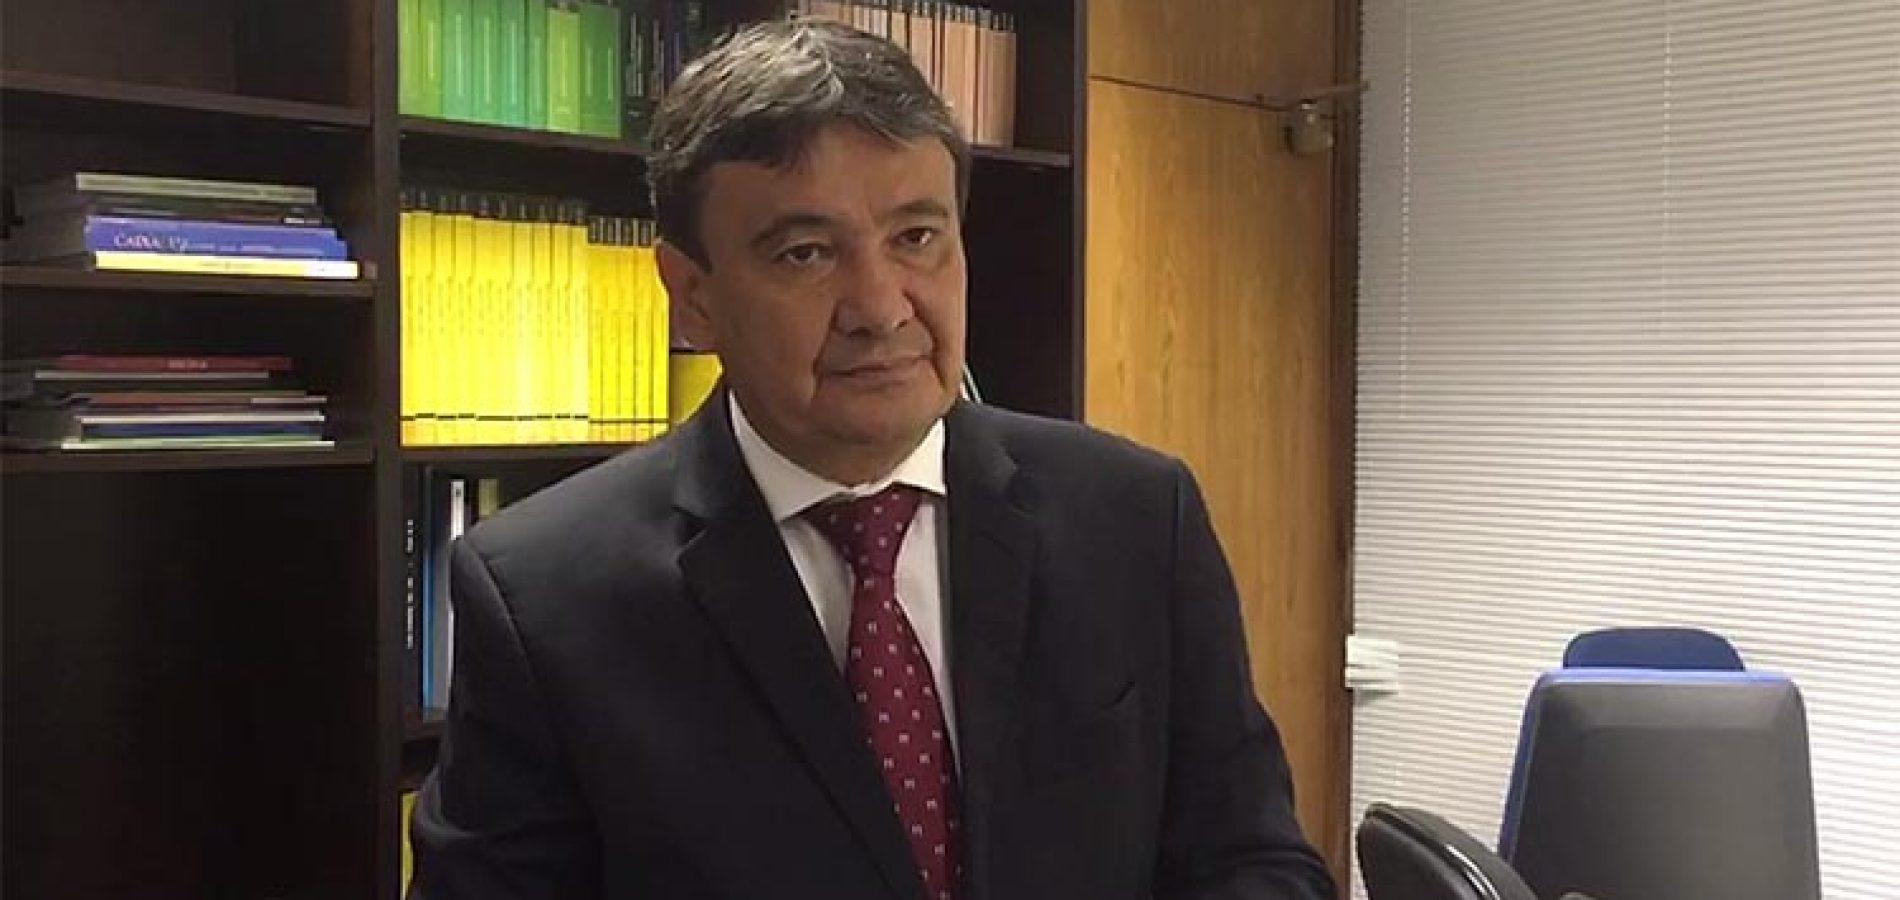 Na Bahia, governador diz que situação de Estados e municípios piora a cada dia